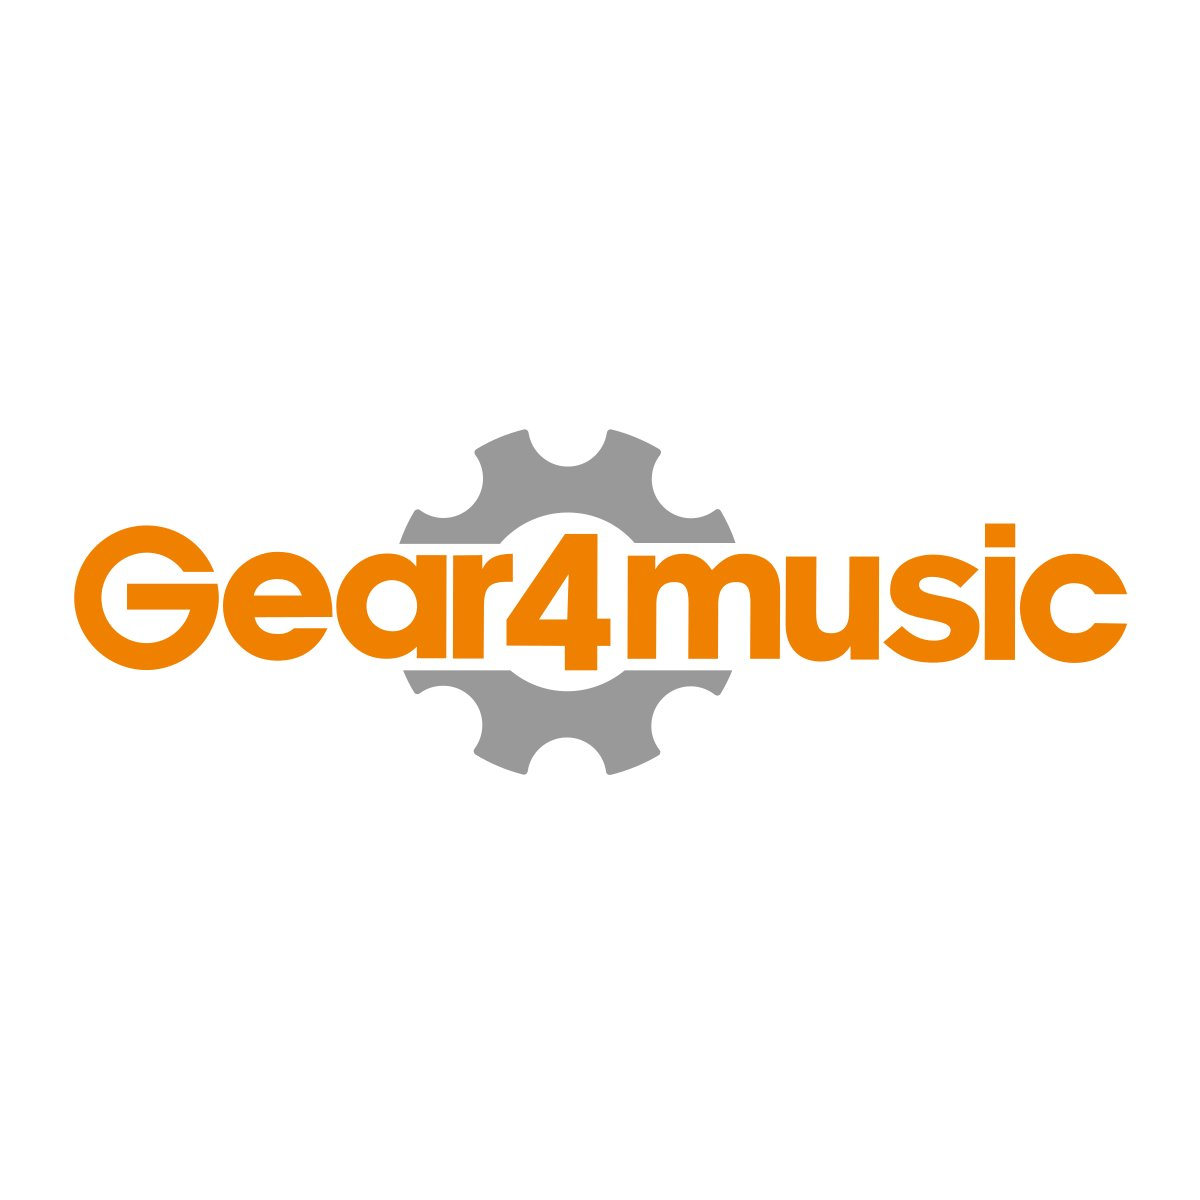 San Diego Semi-Akustik-Gitarre von Gear4music, natürlichen - B-Ware